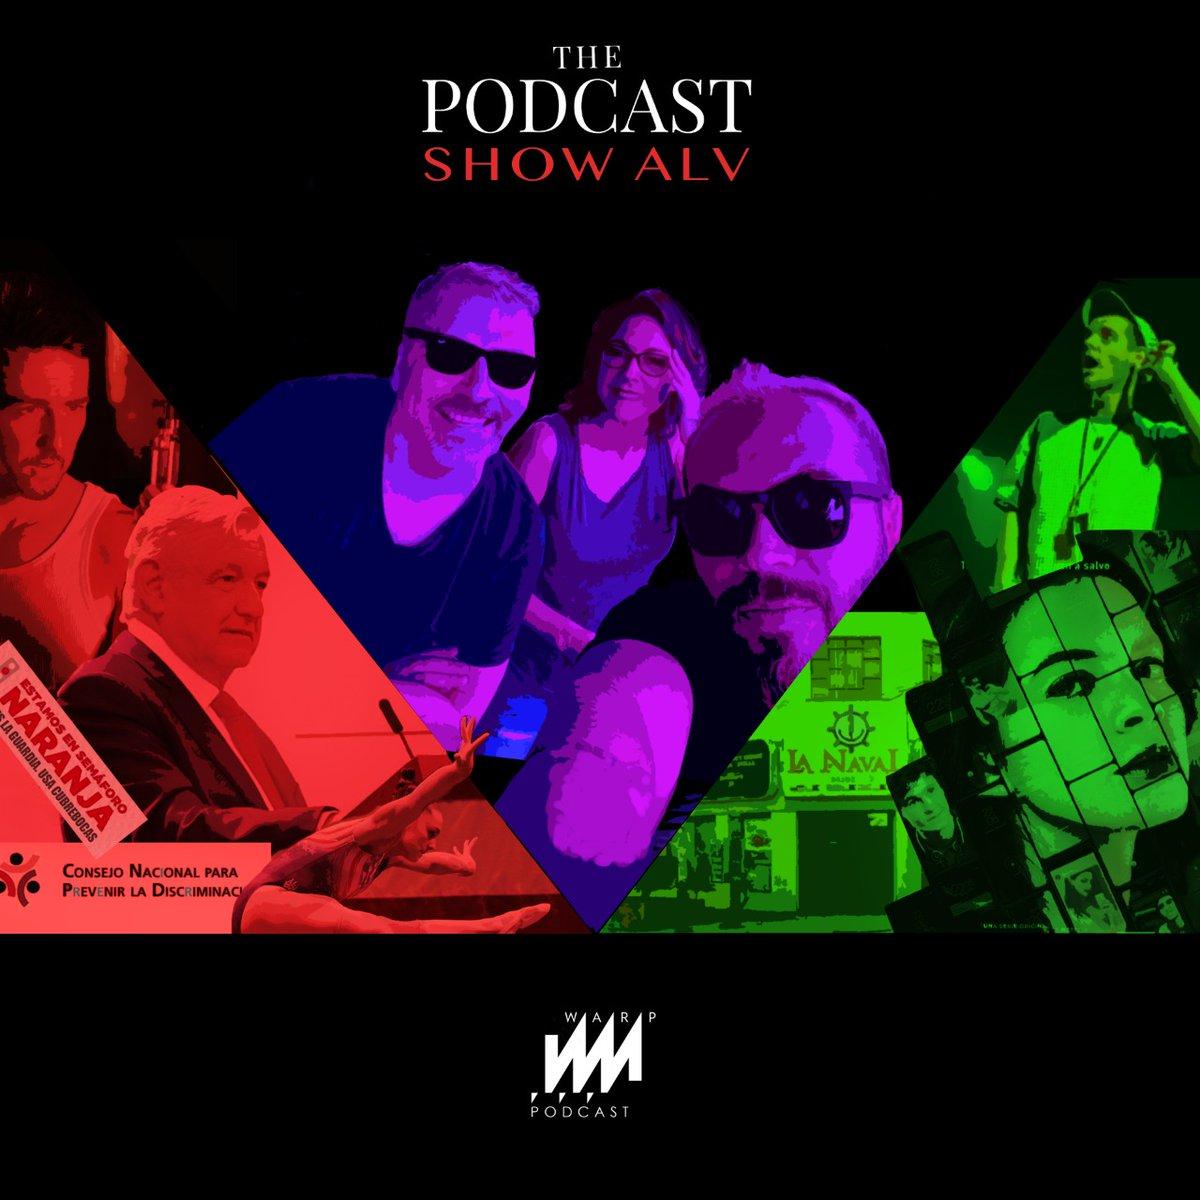 #PodcastShowALV: #ConEdwardNortonNO.   Reunidos a modo de cena familiar, @AlejandroFranco, @oscaruriel y @soymarianah  se sientan a hablar de entretenimiento, música e injusticias, mientras discuten las declaraciones de AMLO.  Escúchalo en: https://t.co/cDD7ir2UFX https://t.co/uXLSKKXwO9